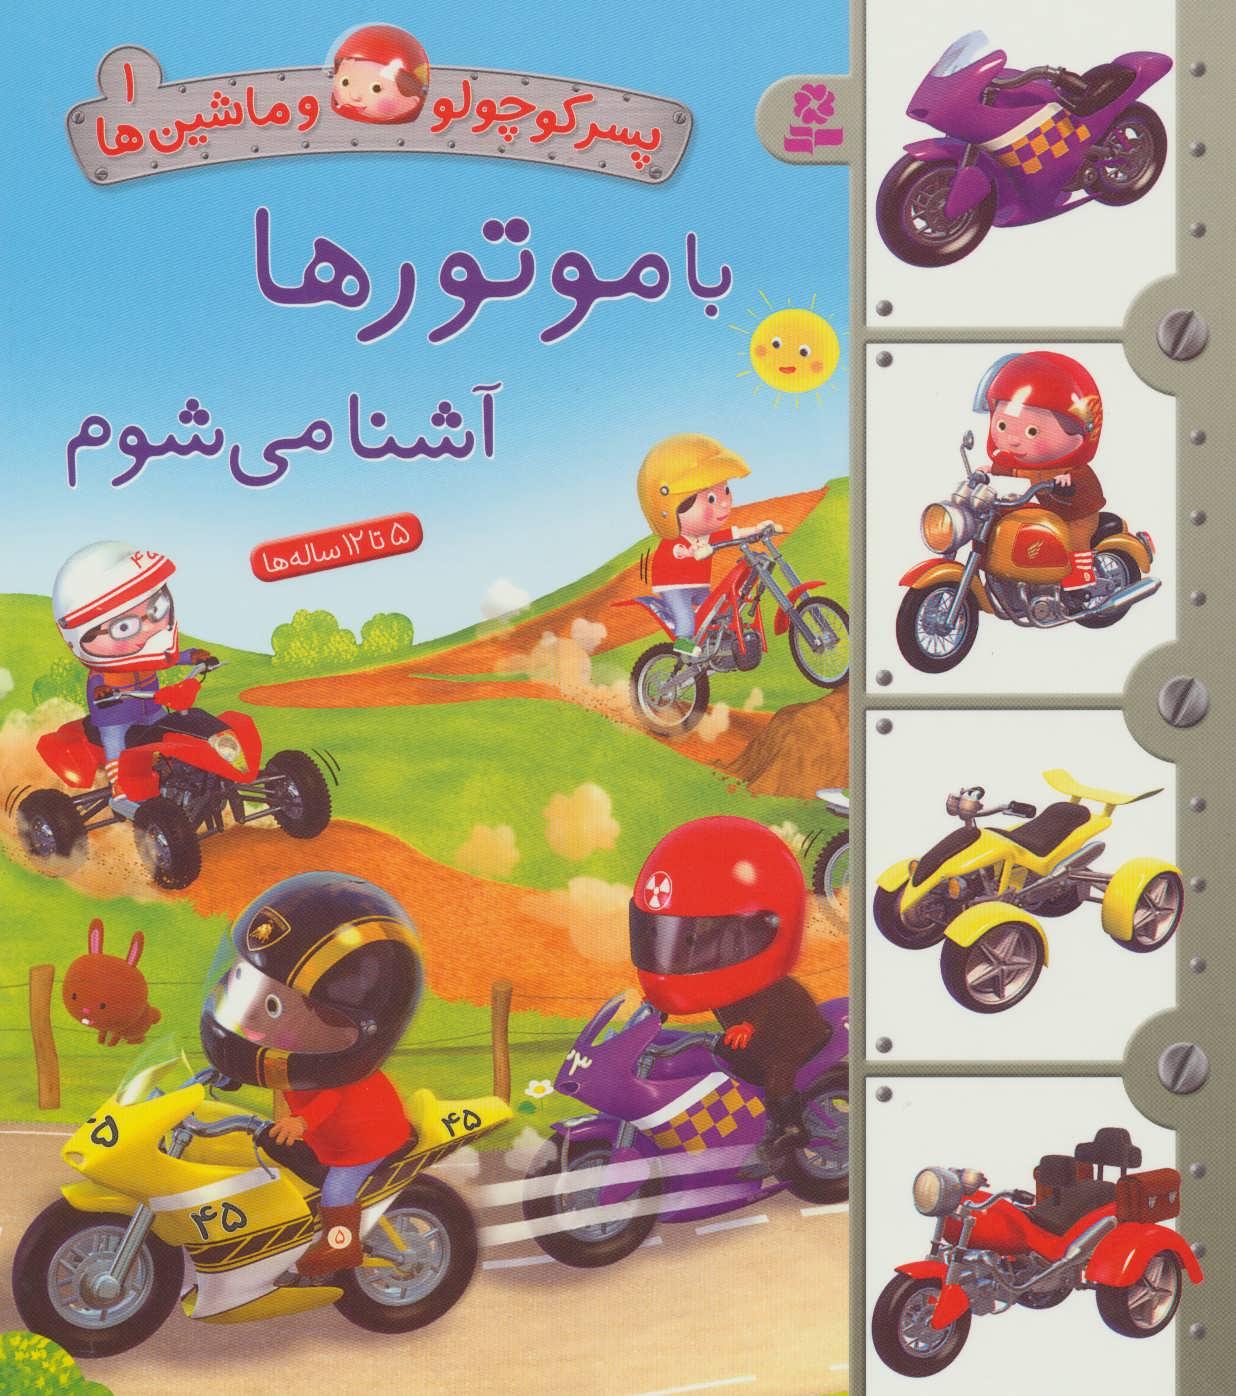 کتاب با موتورها آشنا می شوم